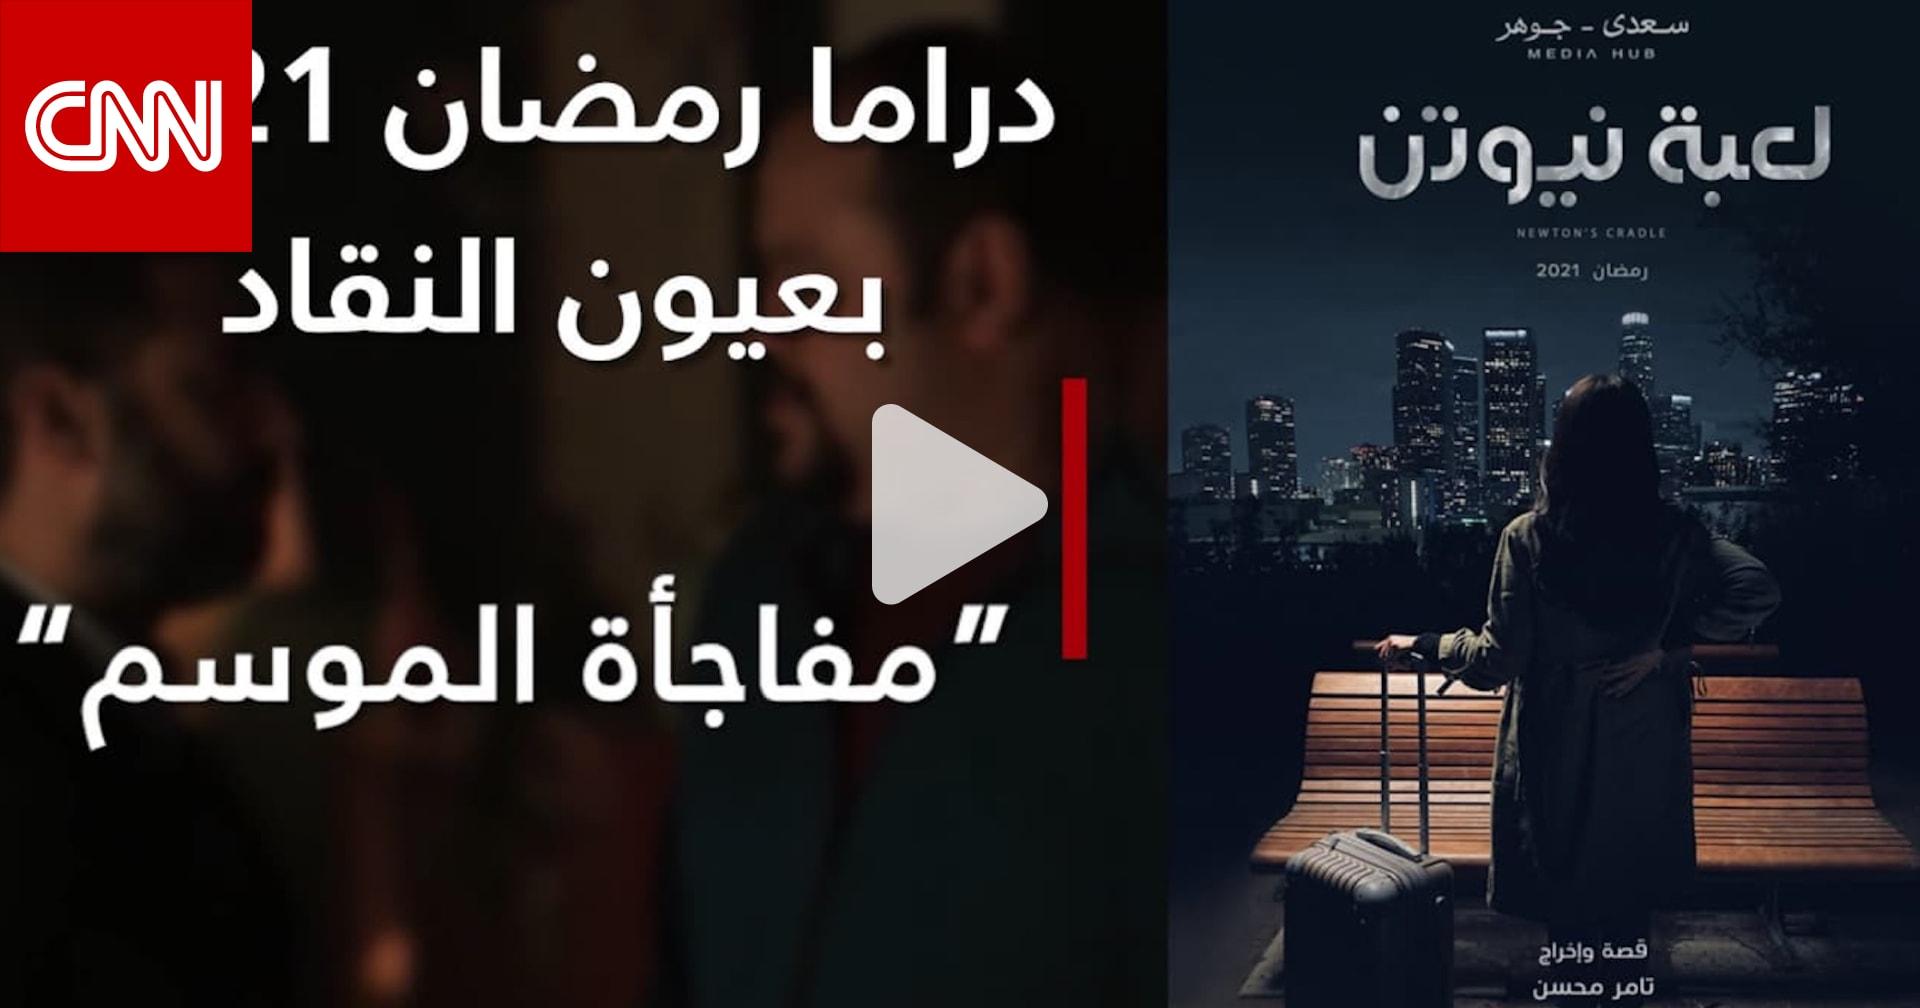 """""""لعبة نيوتن"""": مفاجأة الموسم و""""الوسامة ليست كل شيء"""".. دراما رمضان 2021 بعيون النقاد"""